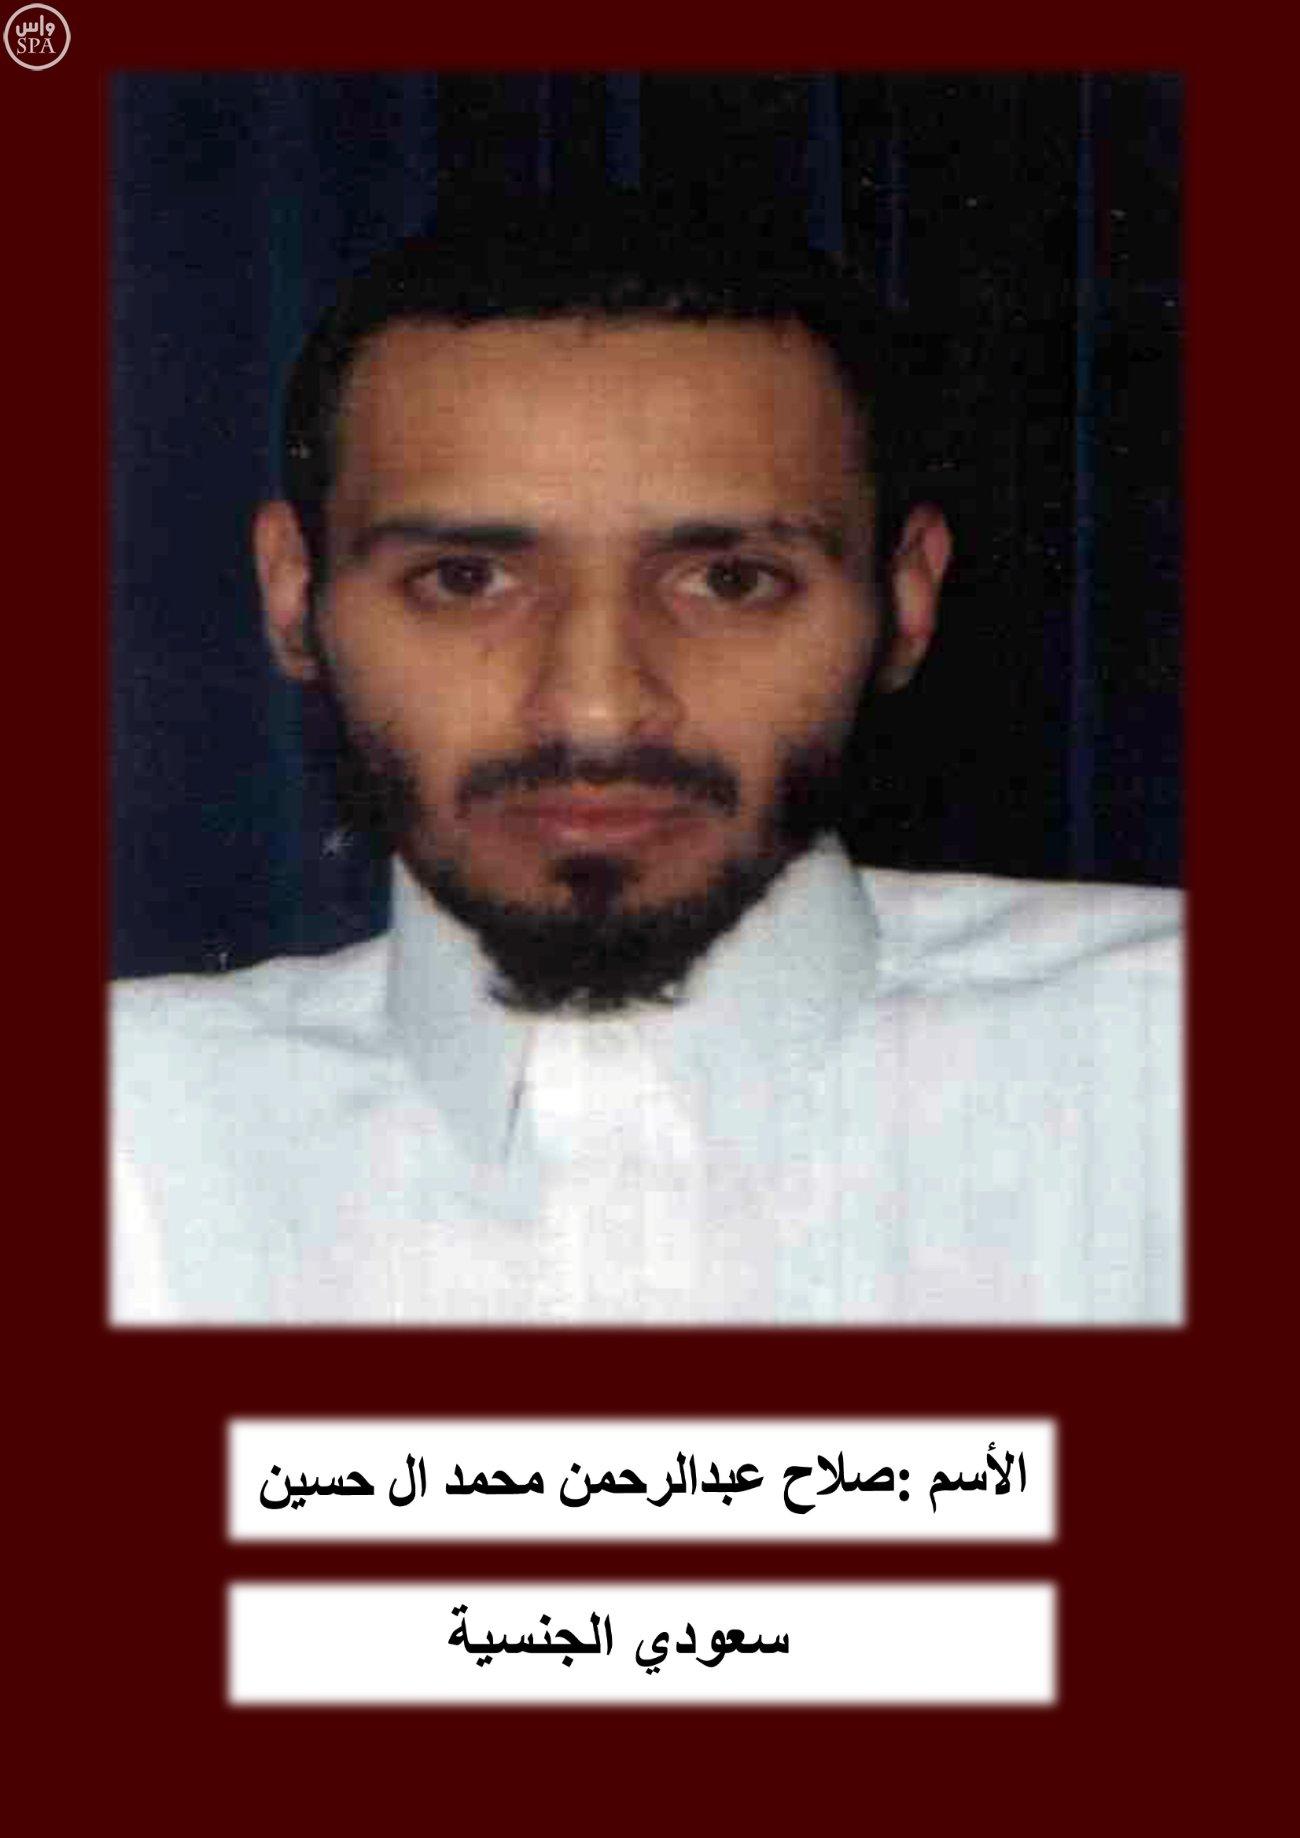 ارهابيين-بالحدود (3)